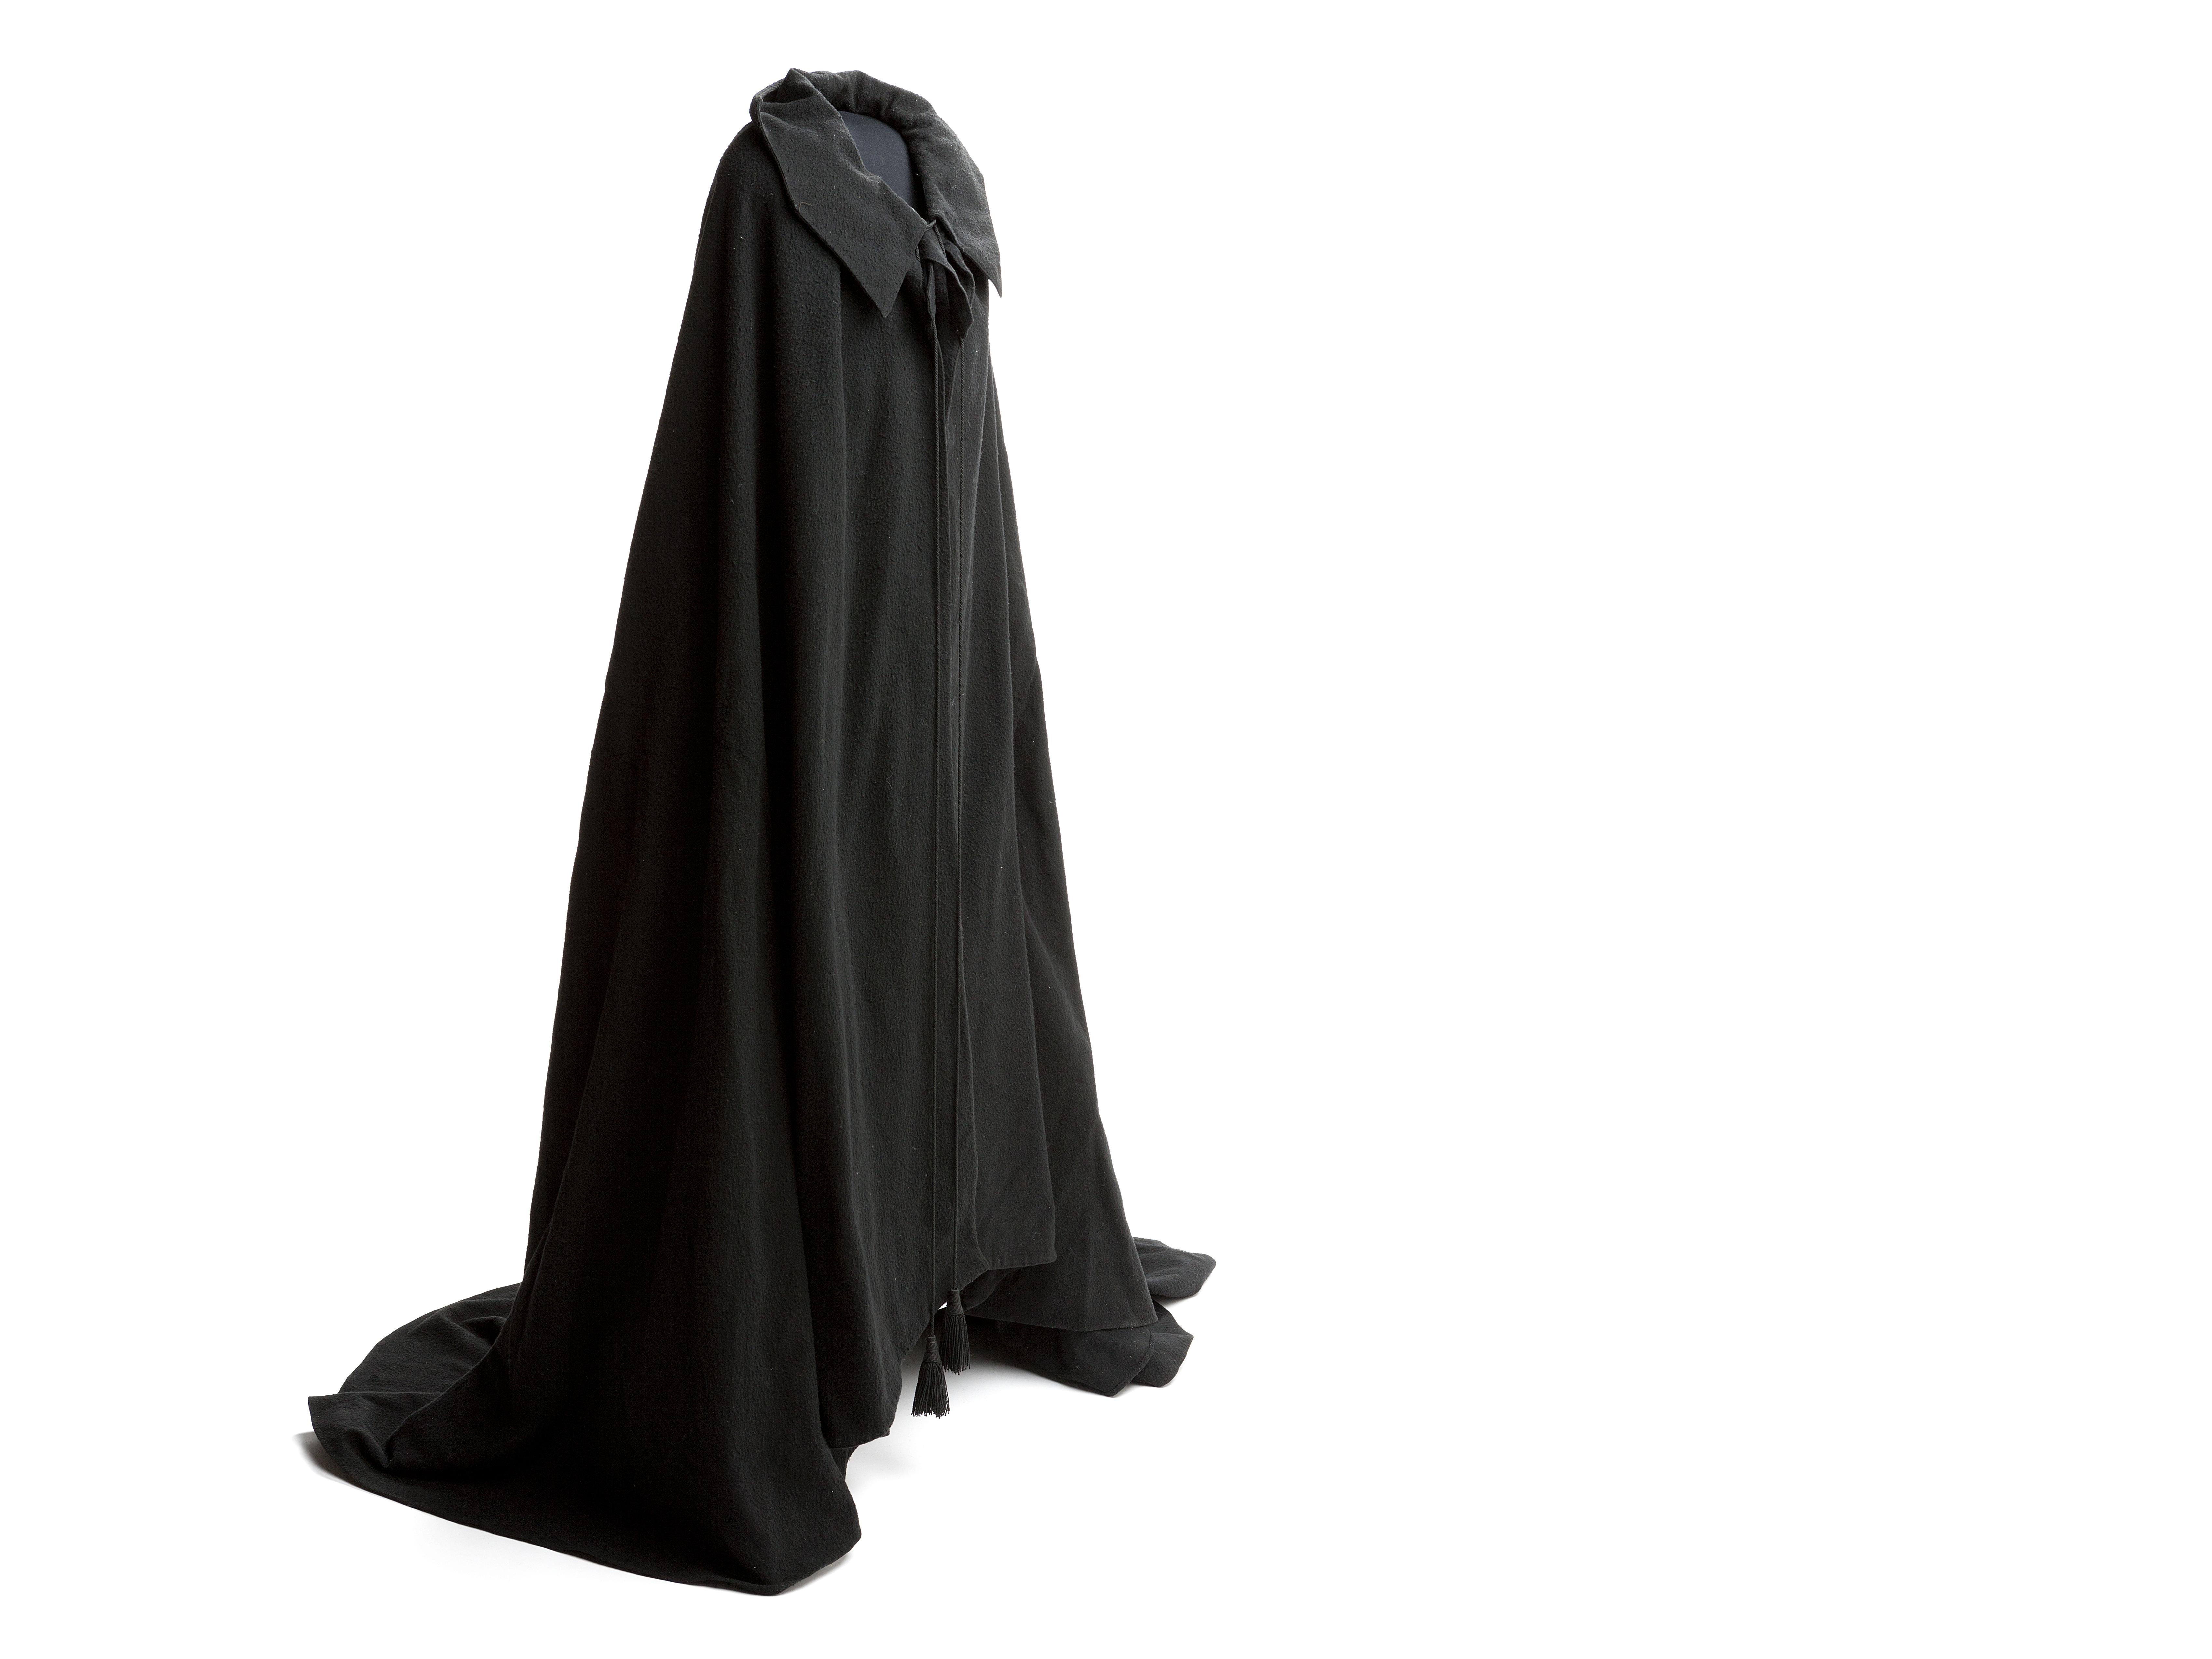 Black_cloak.jpg